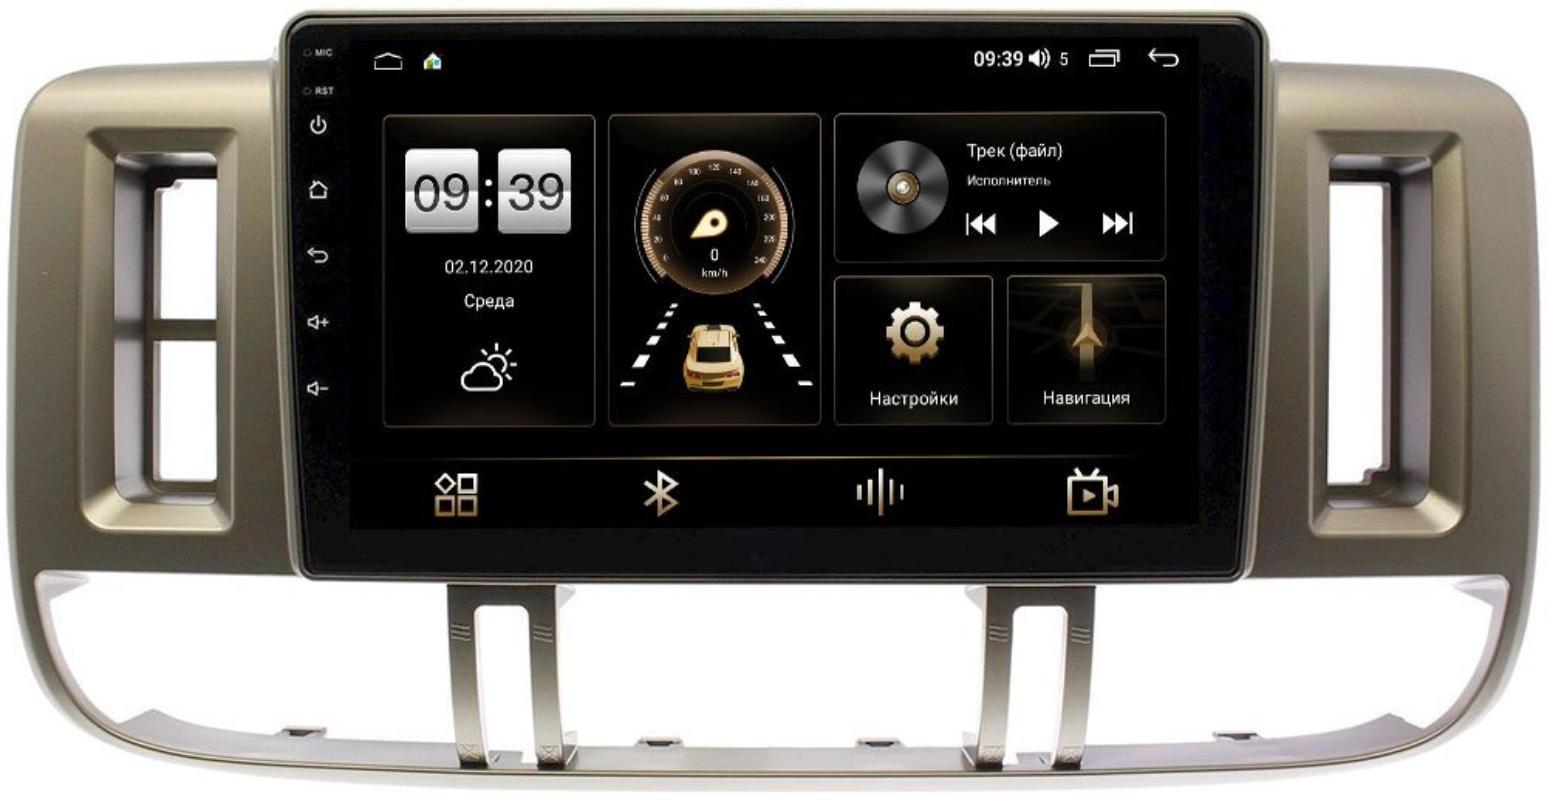 Штатная магнитола LeTrun 4166-9179 для Nissan X-Trail I (T30) 2000-2004 на Android 10 (4G-SIM, 3/32, DSP, QLed) (+ Камера заднего вида в подарок!)